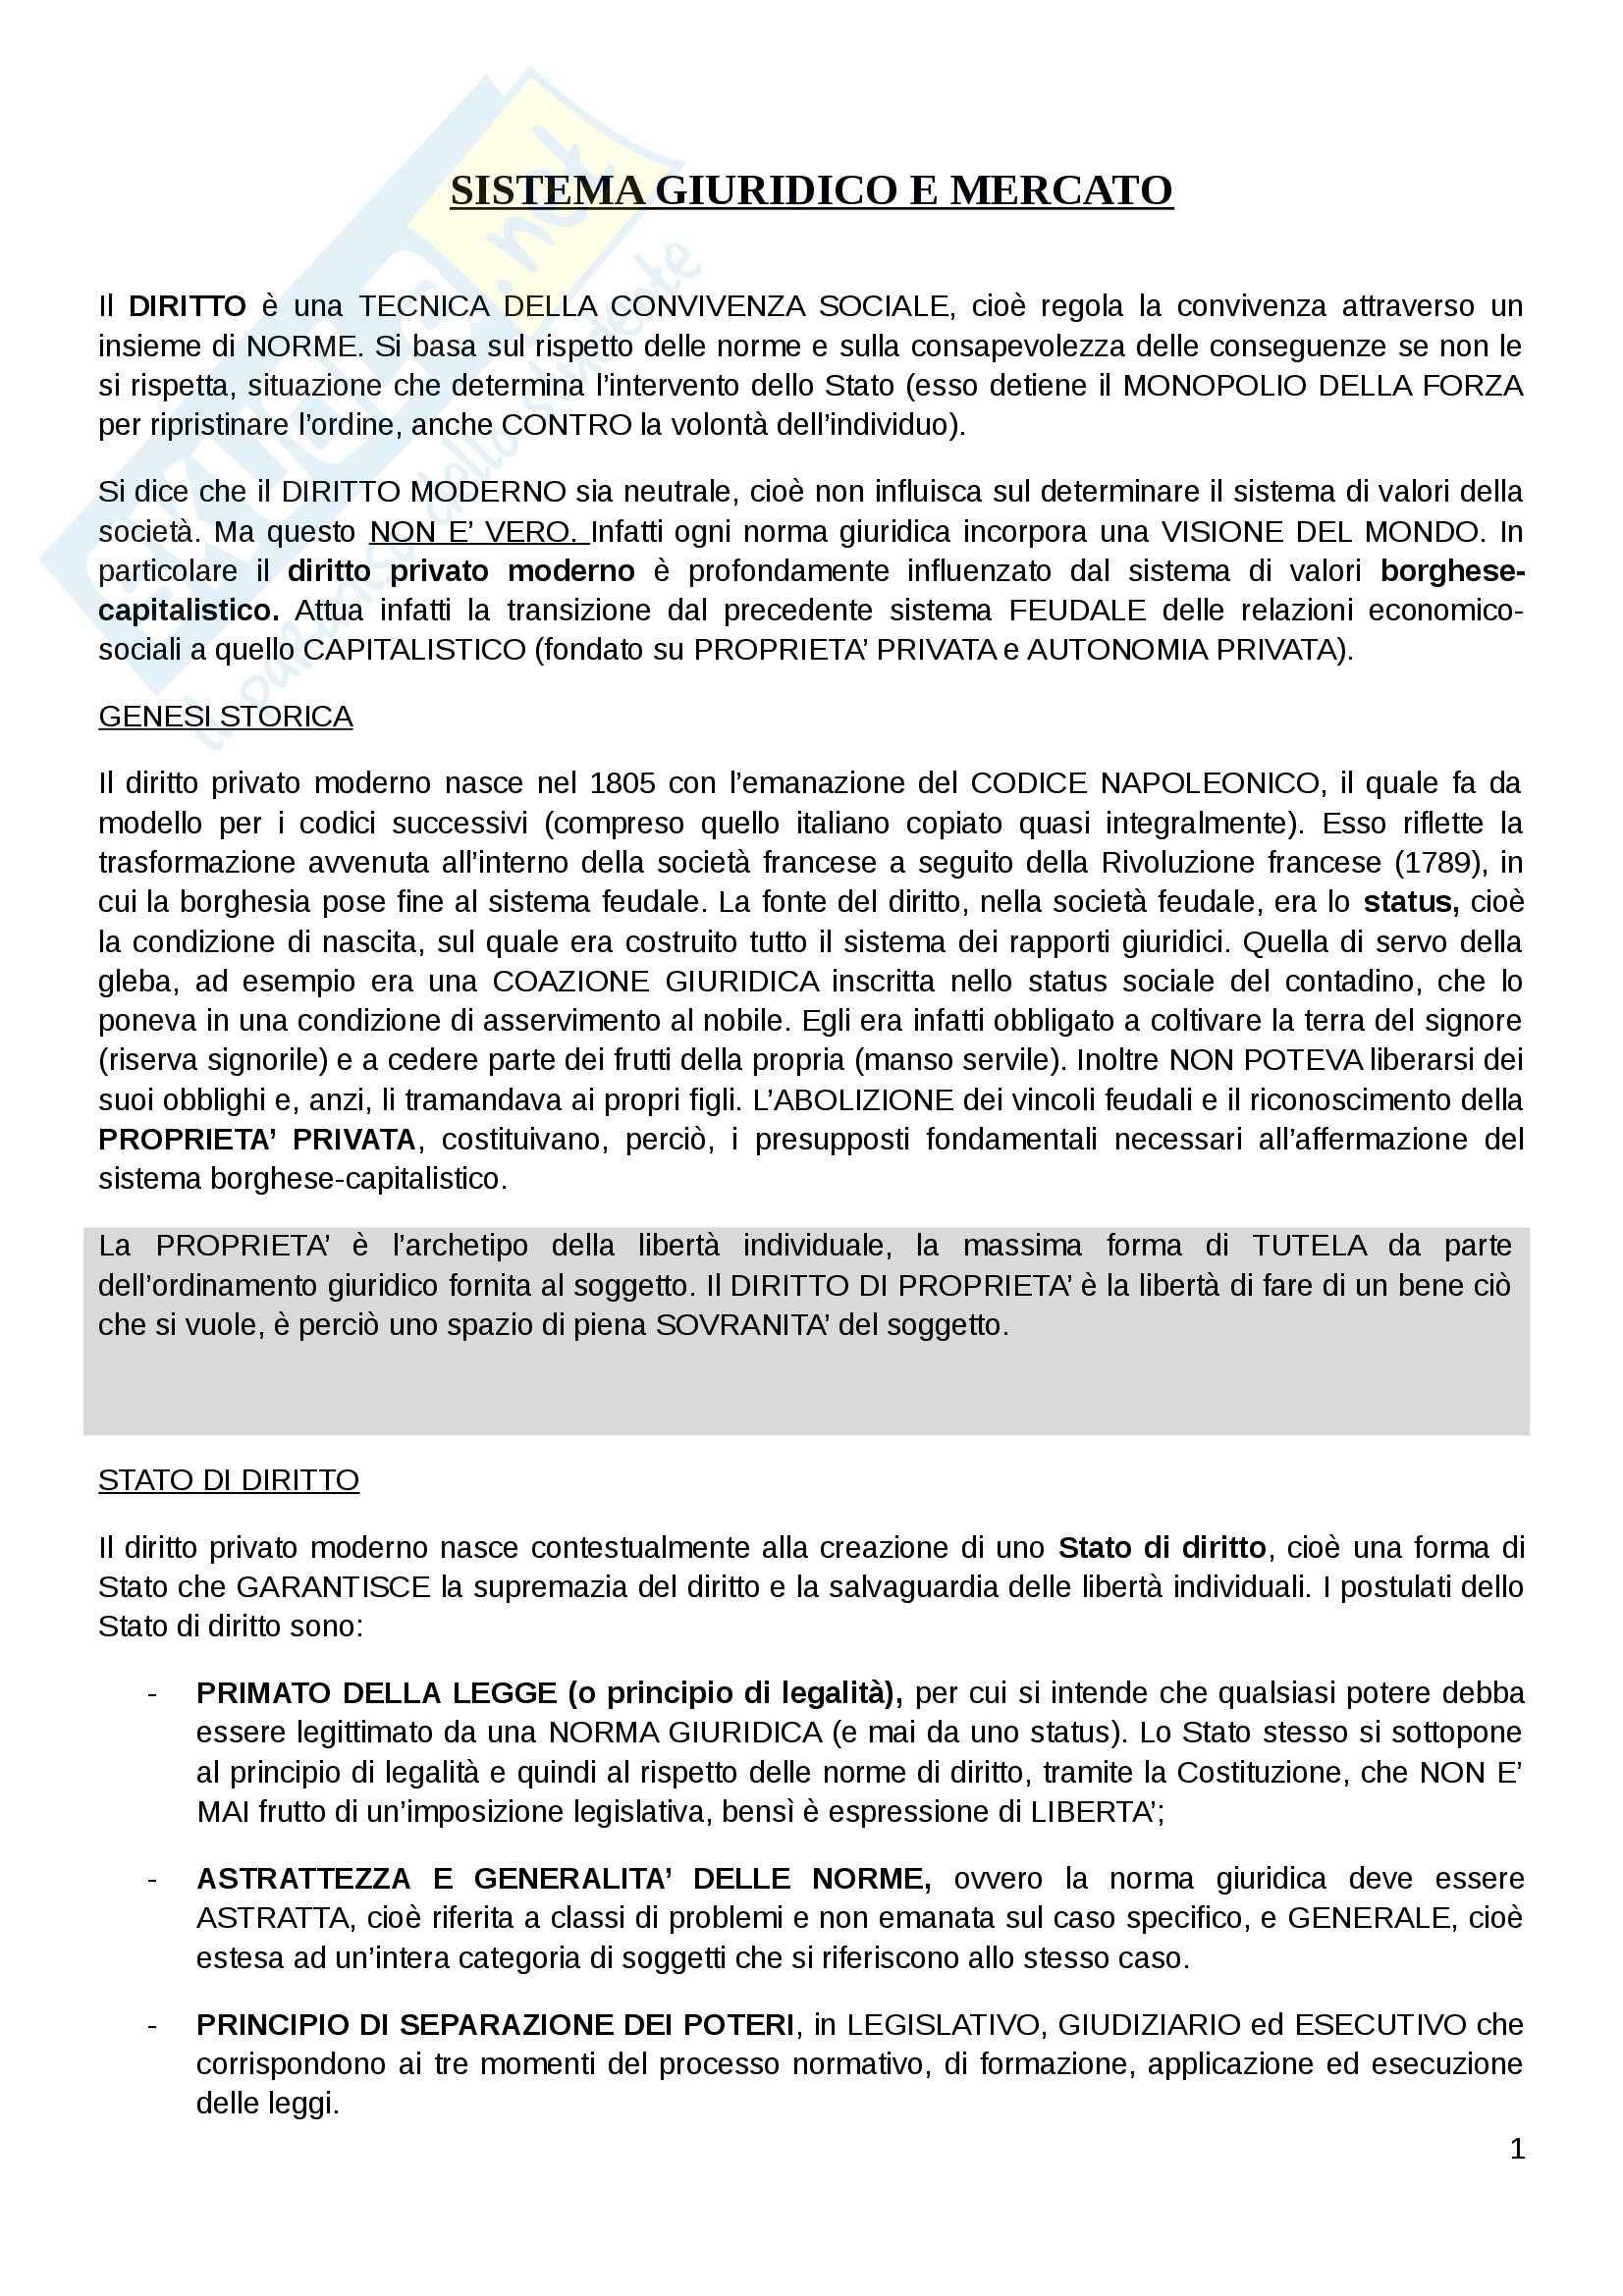 Riassunto esame Sistema giuridico e mercato, prof. Messinetti, libro consigliato Diritto privato e società moderna, Barcellona